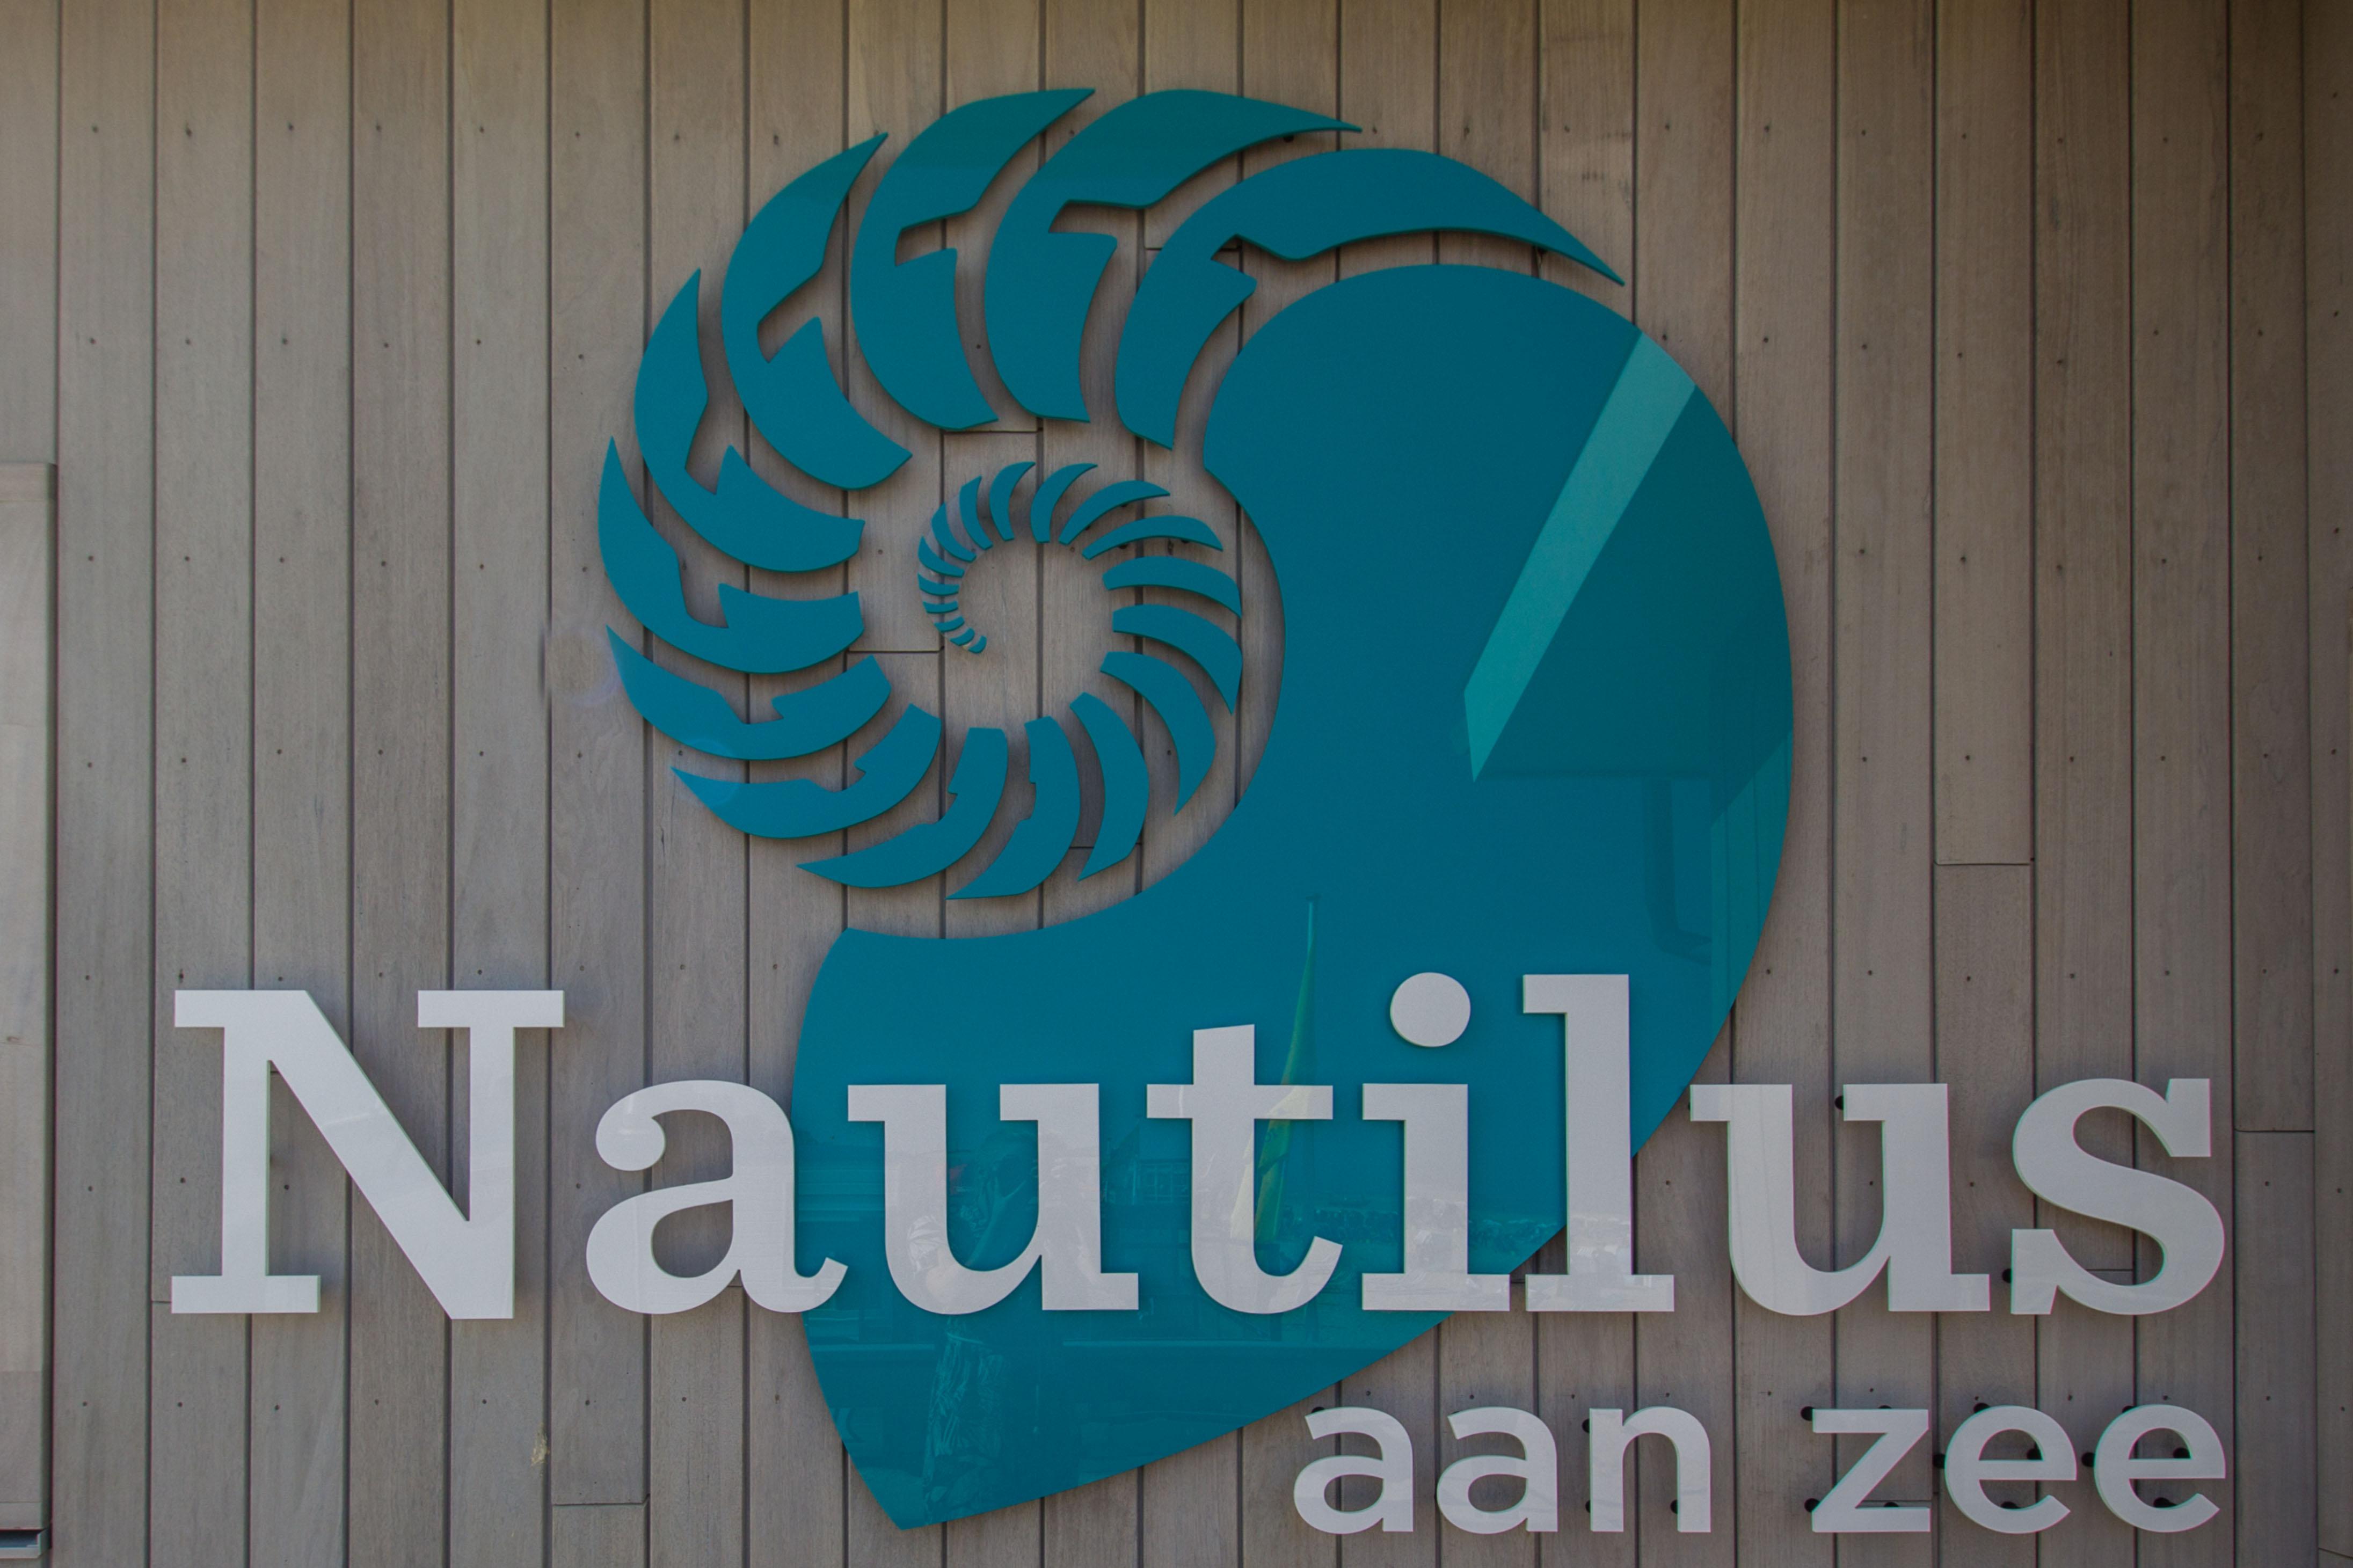 Nautilus-Egmond-aan-zee-8662